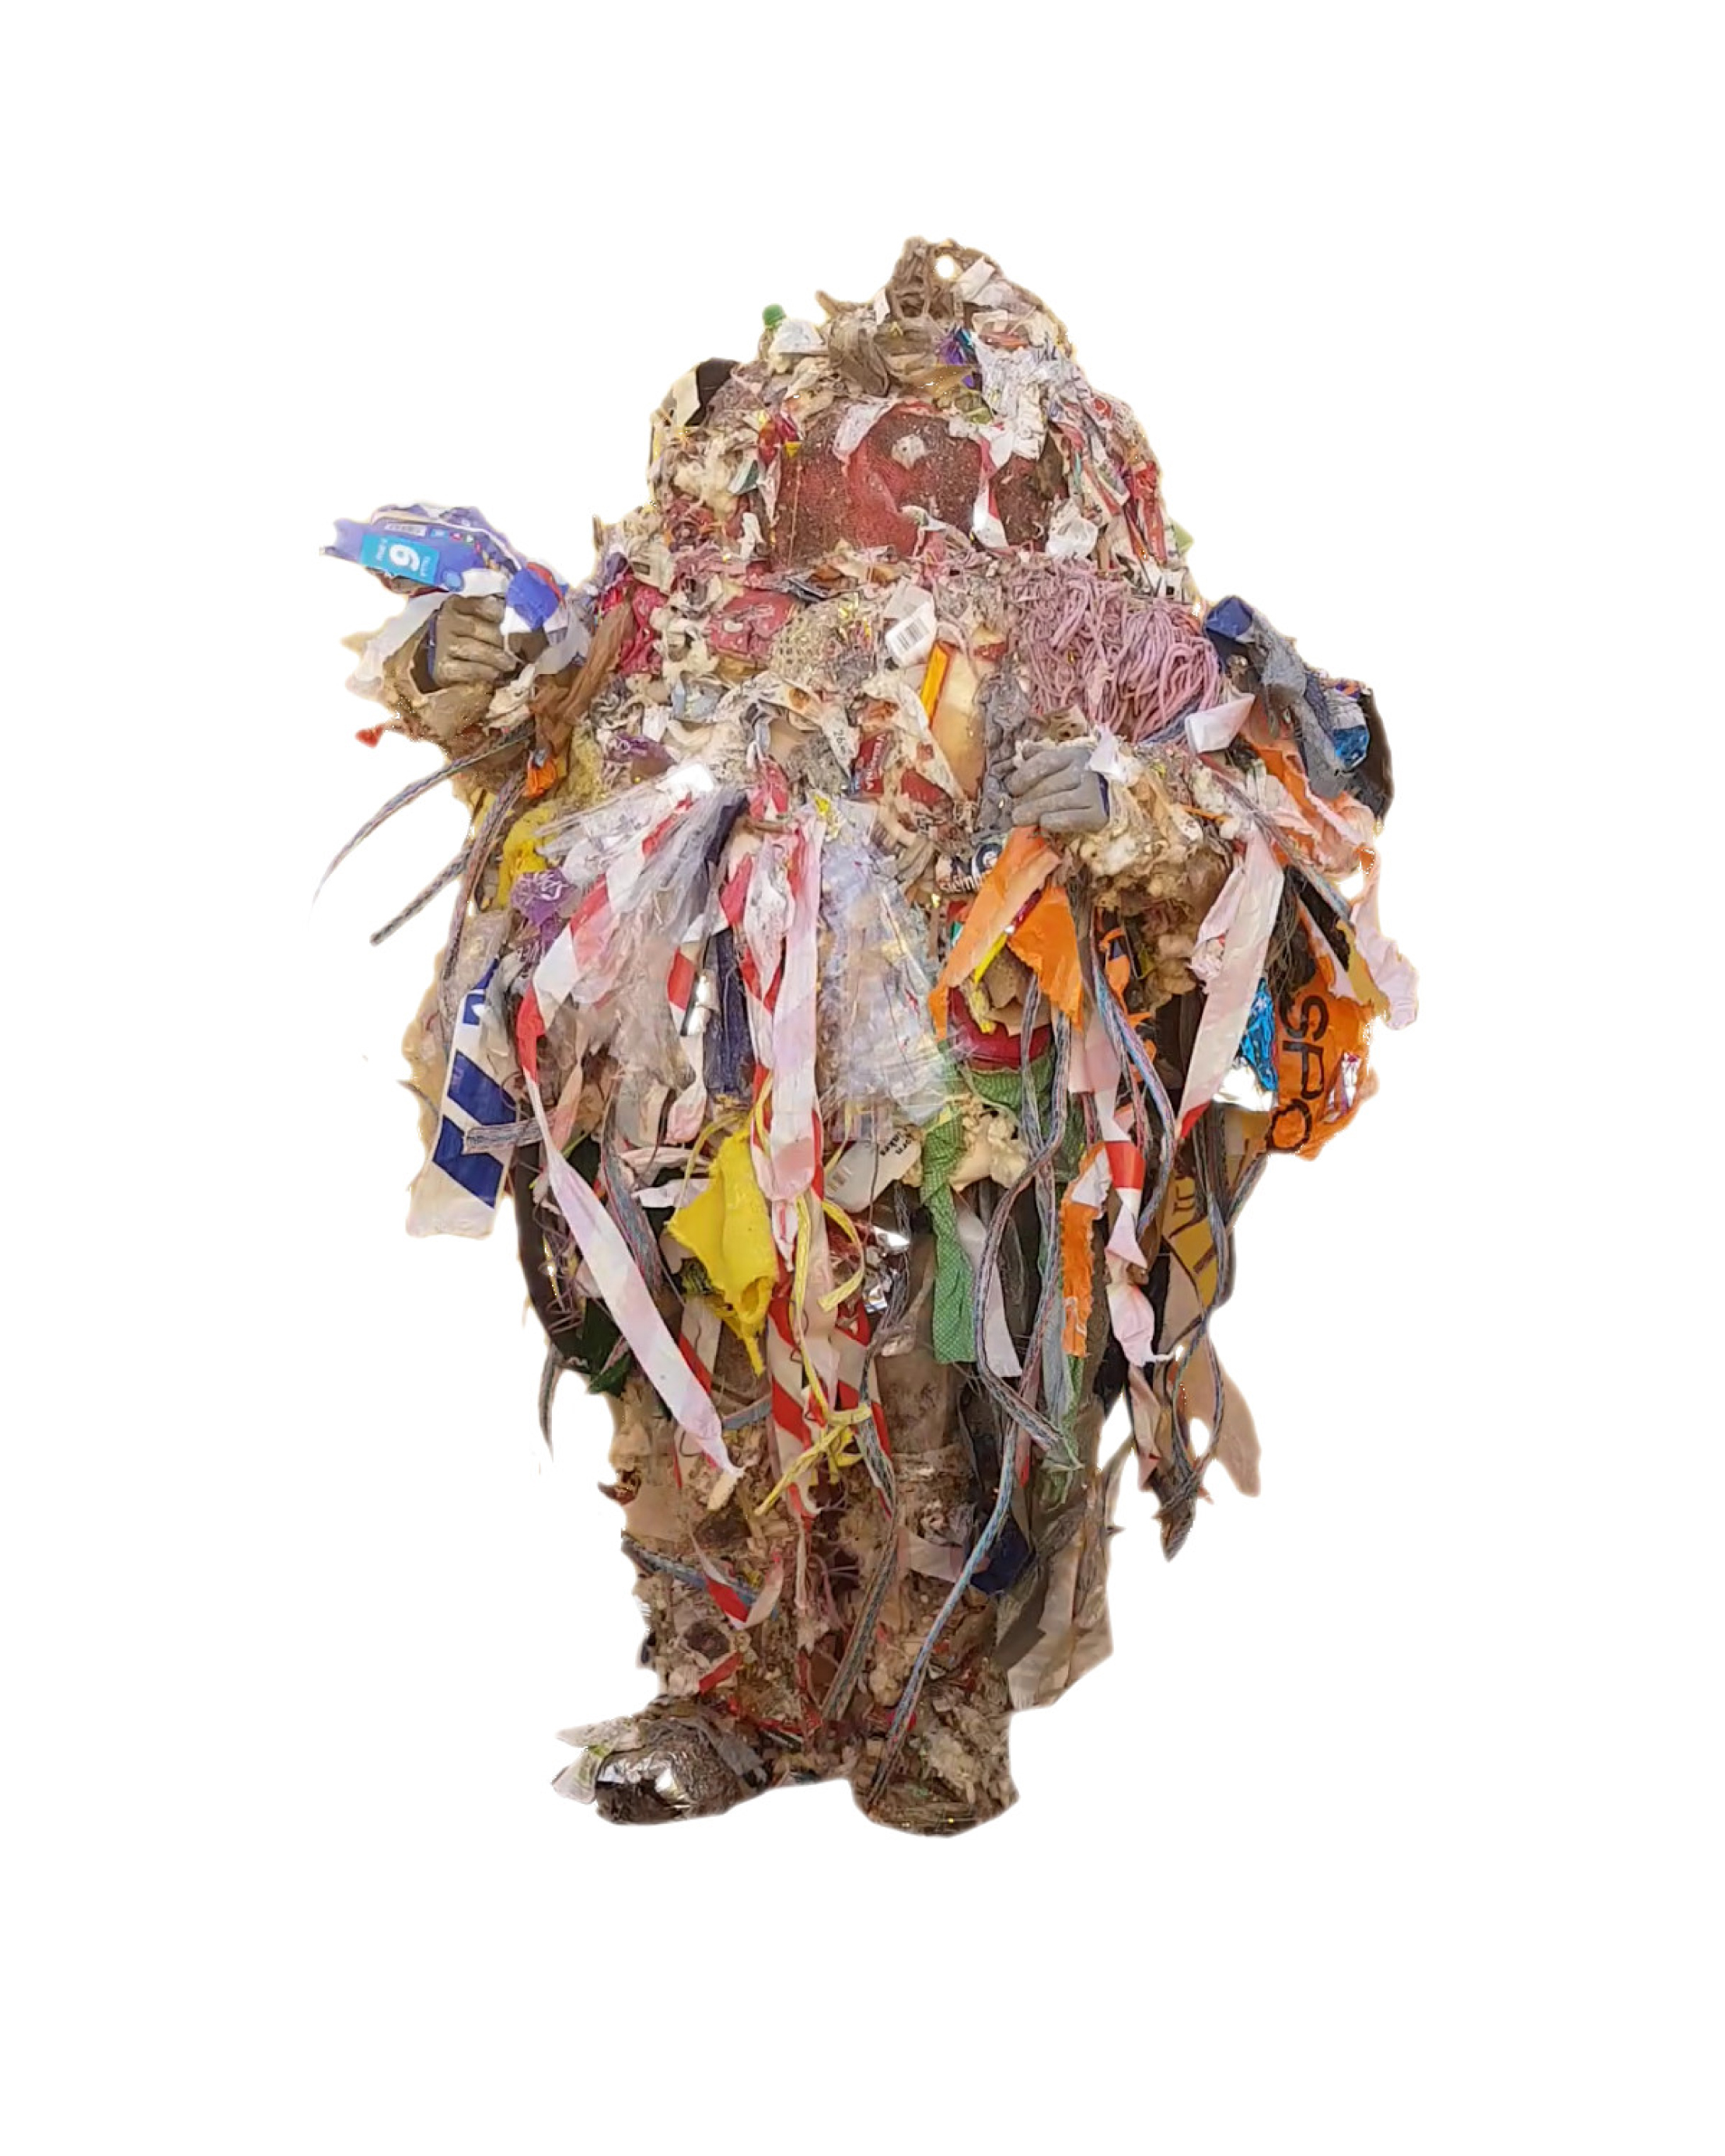 El hombre de basura